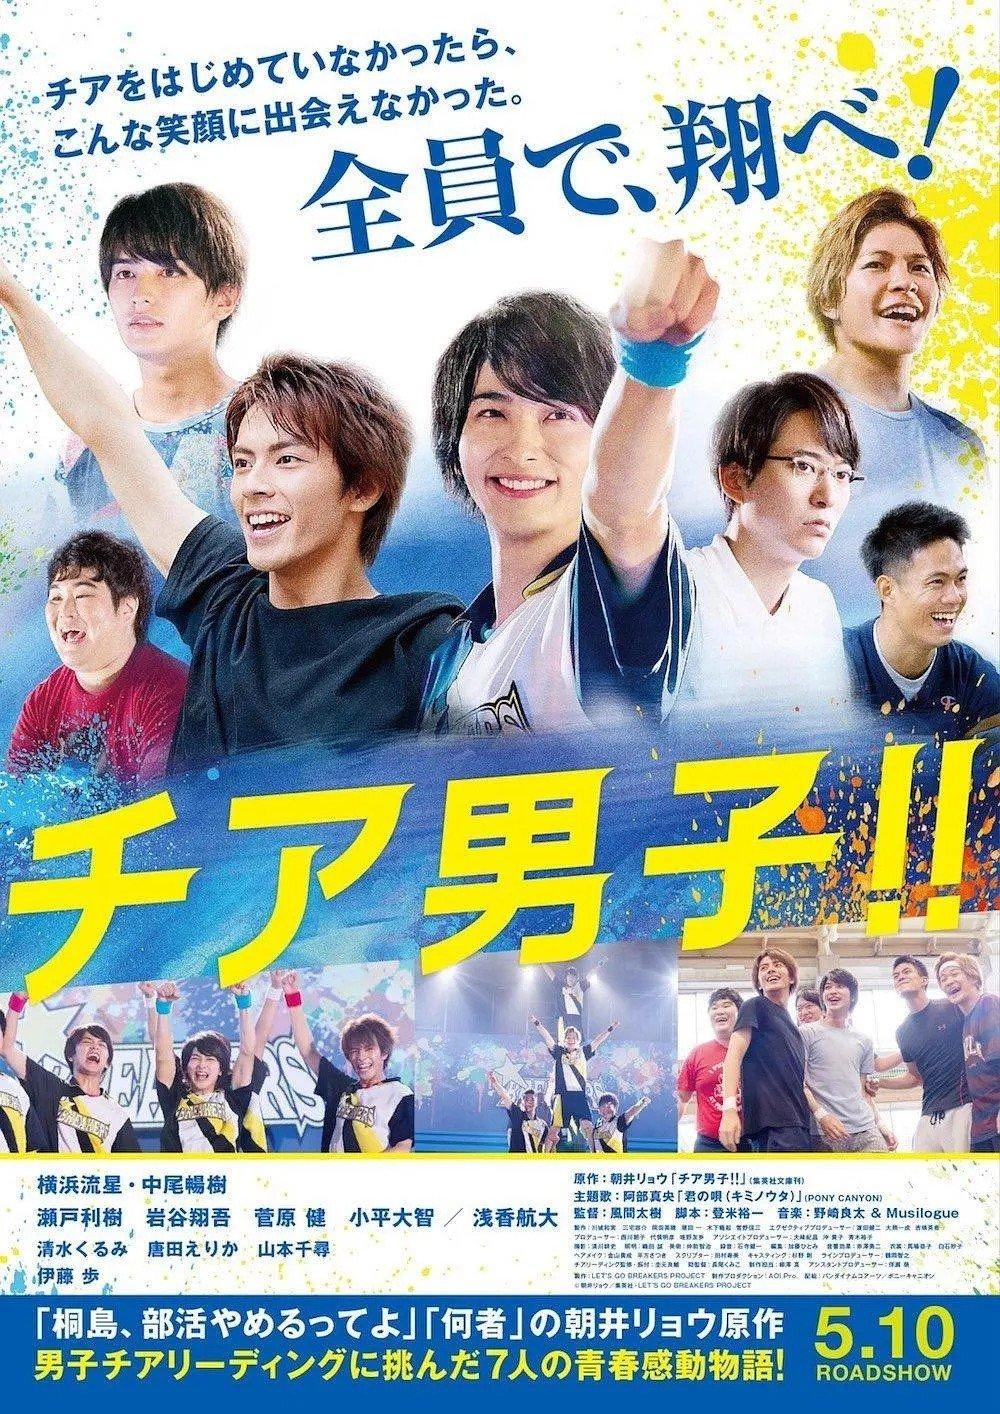 2019 日本《男子啦啦队》我们一起挑战好玩的事吧!